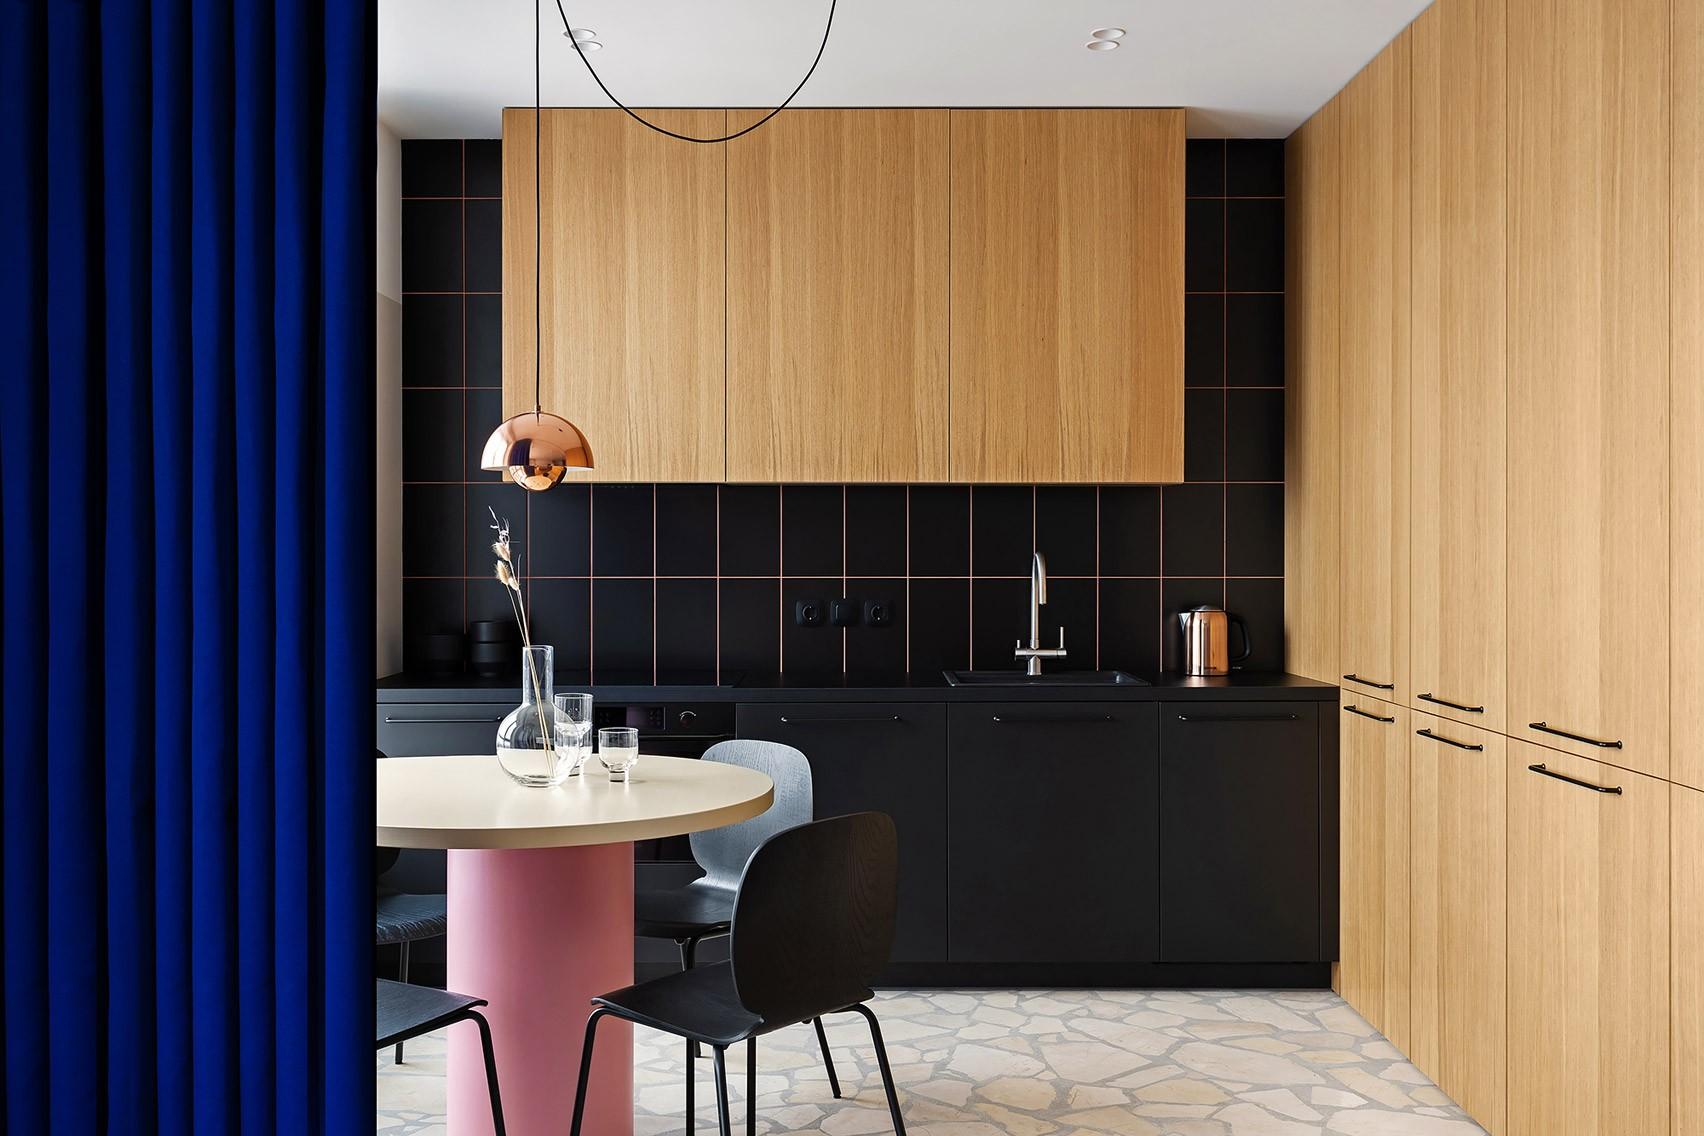 Décor do dia: cozinha com azulejos pretos, rejunte rosa e madeira (Foto: Divulgação)